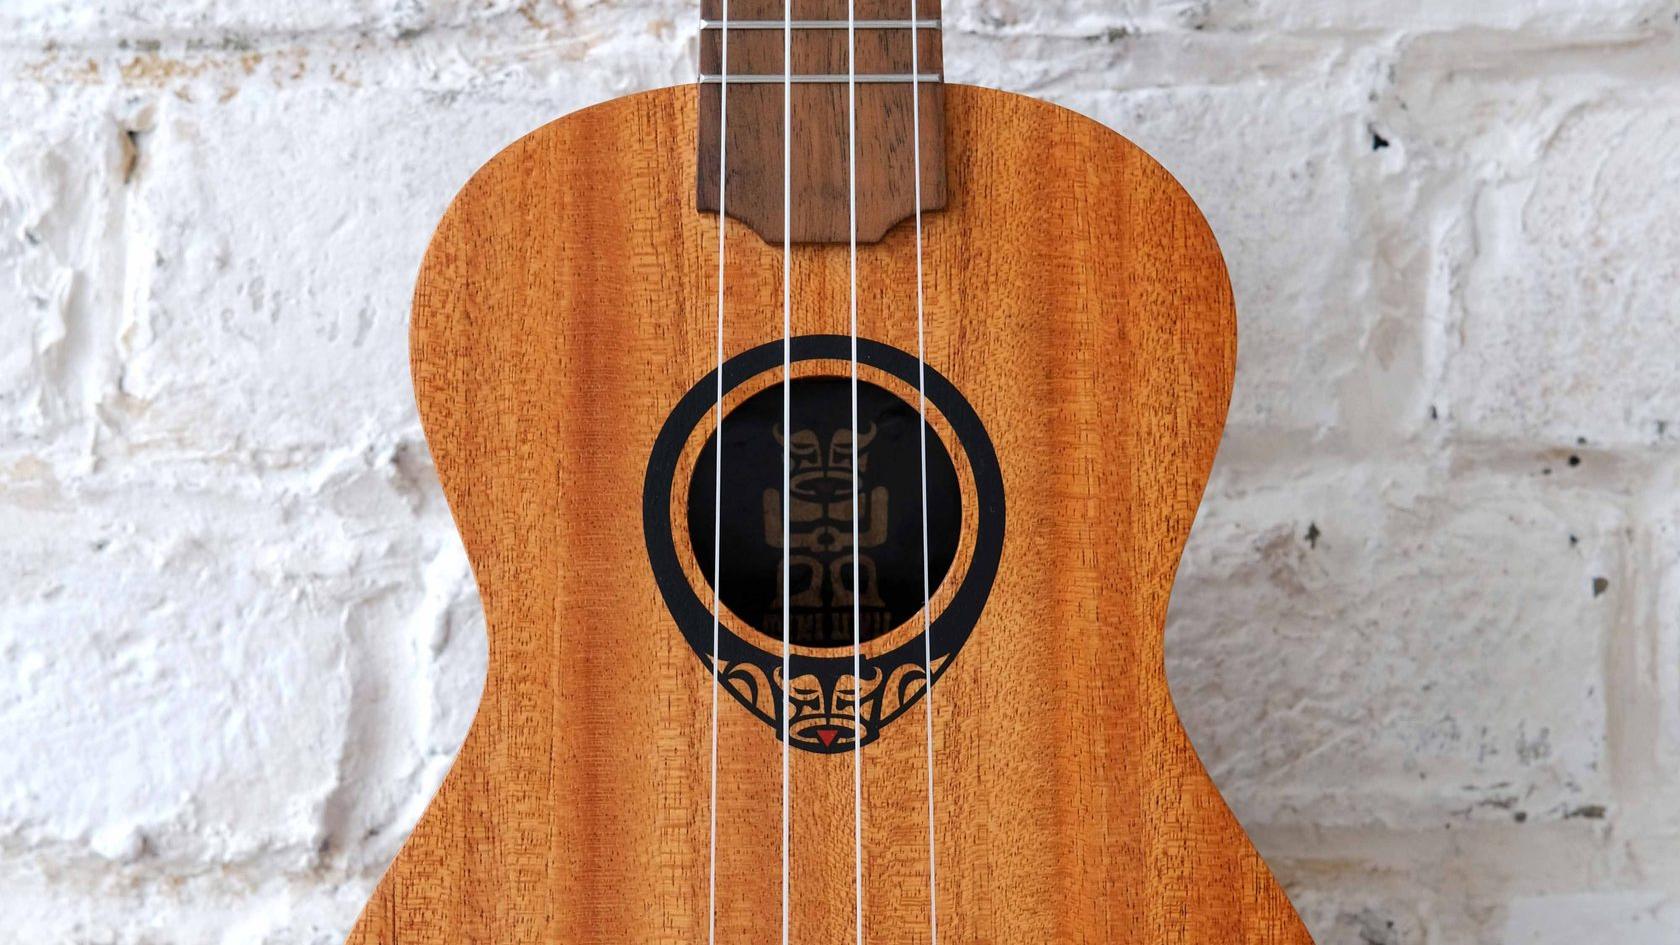 купить укулеле сопрано LAG в тонком корпусе с фирменным чехлом в комплекте в магазине укулеле Ukelovers, ukulele soprano, укулела